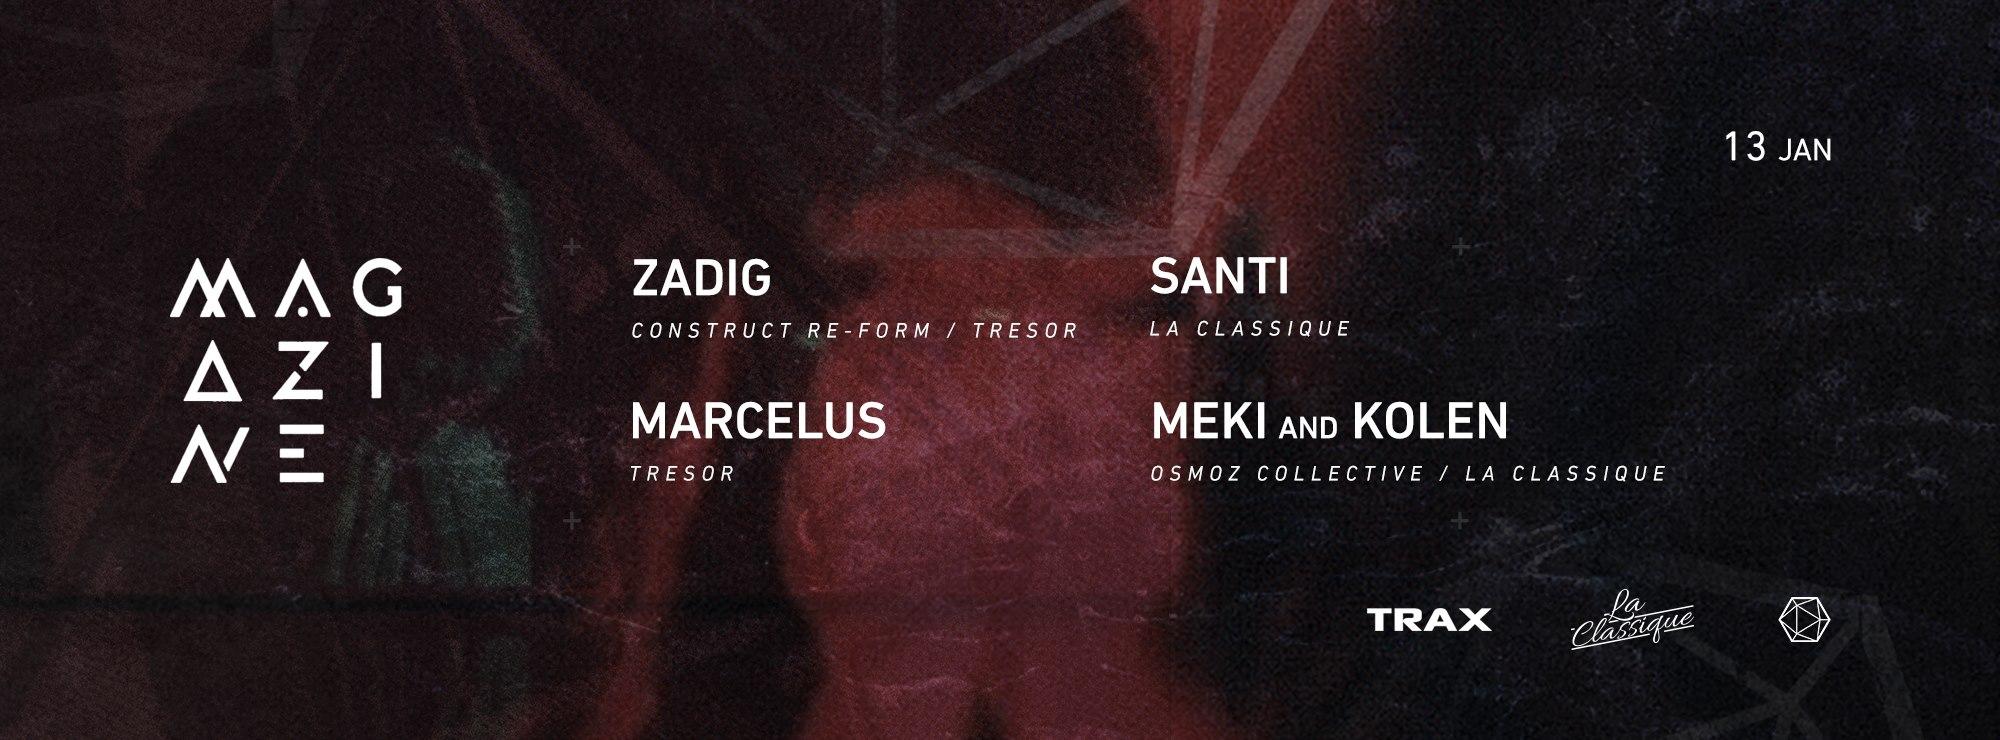 Meki & Kolen + Zadig + Marcelus + Santi